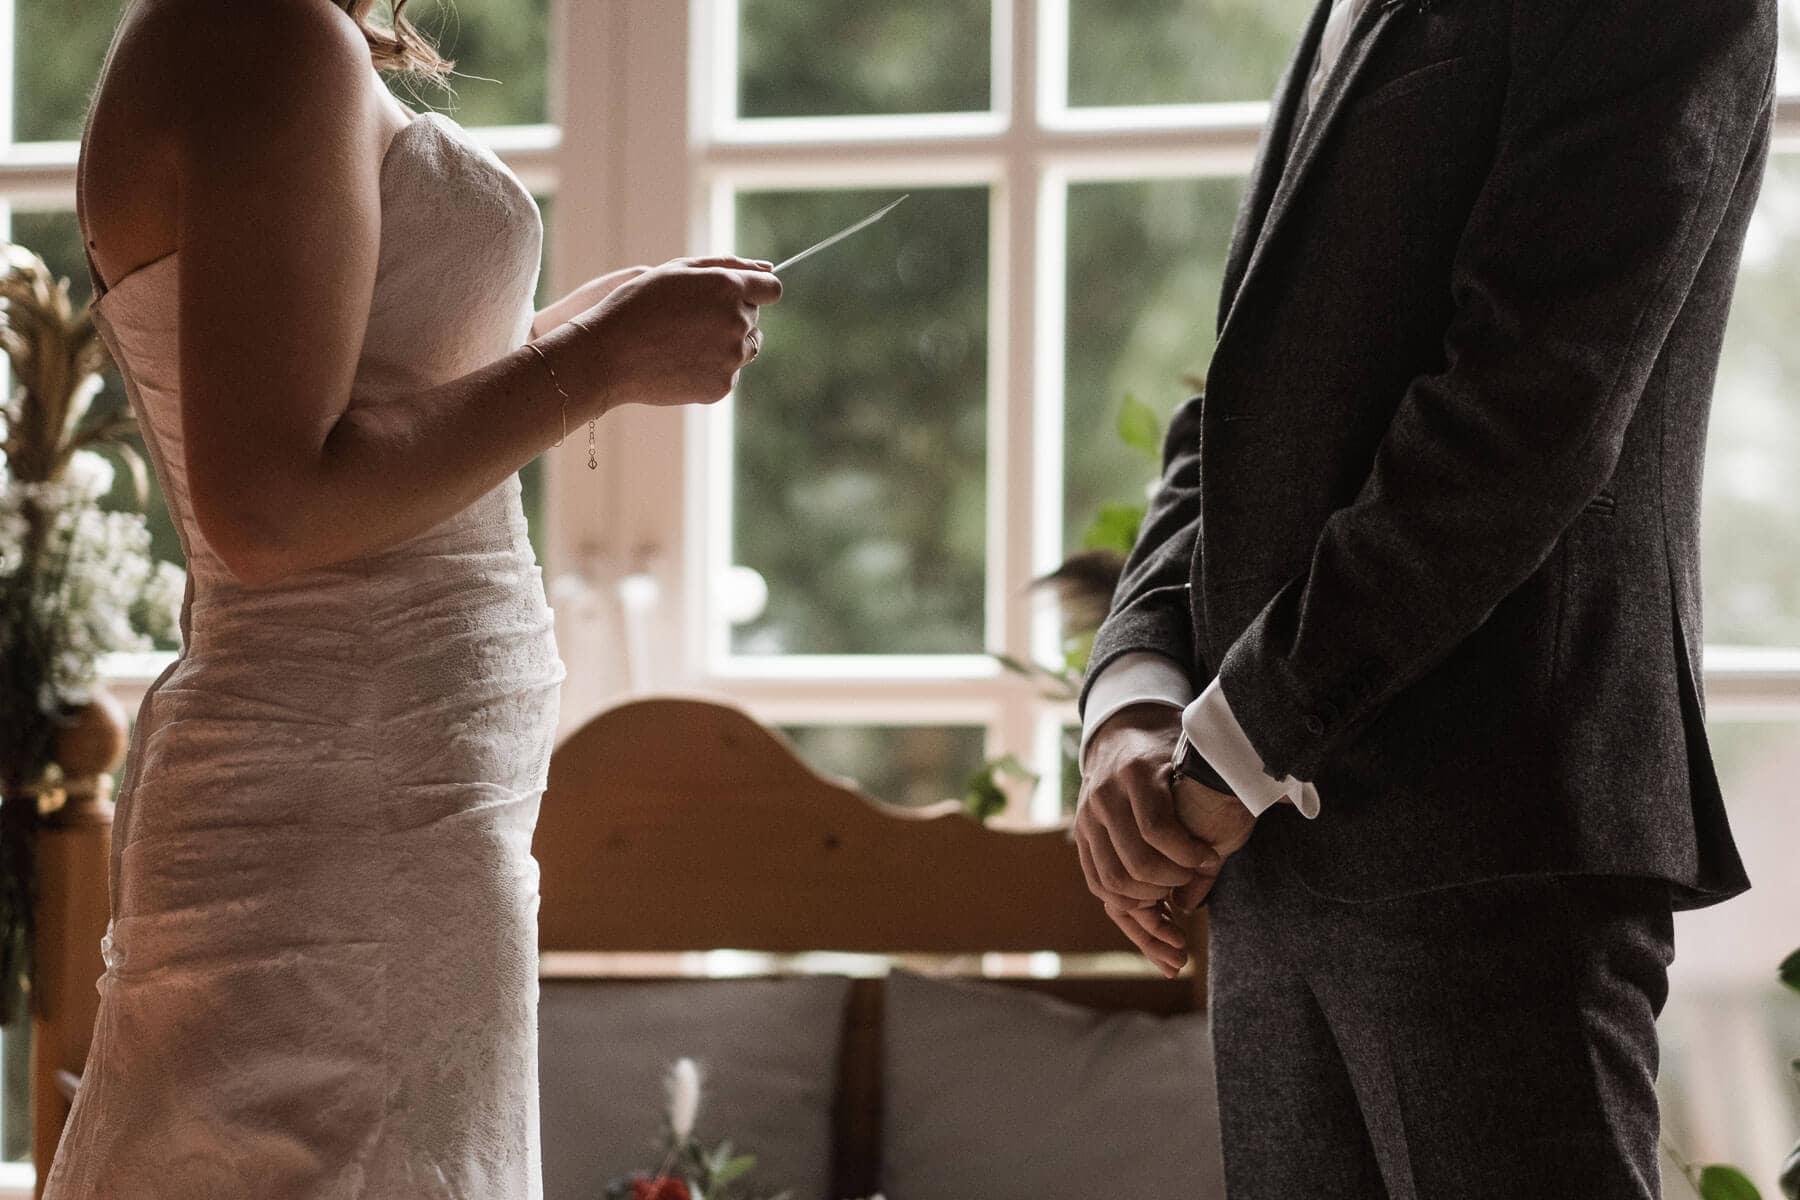 vor einer großen, hellen Holztür steht ein Brautpaar, das Brautpaar steht sich gegenüber, die Braut hält einen Zettl in der Hand, der Bräutigam hält seine Arme verschränkt vor seinen Körper